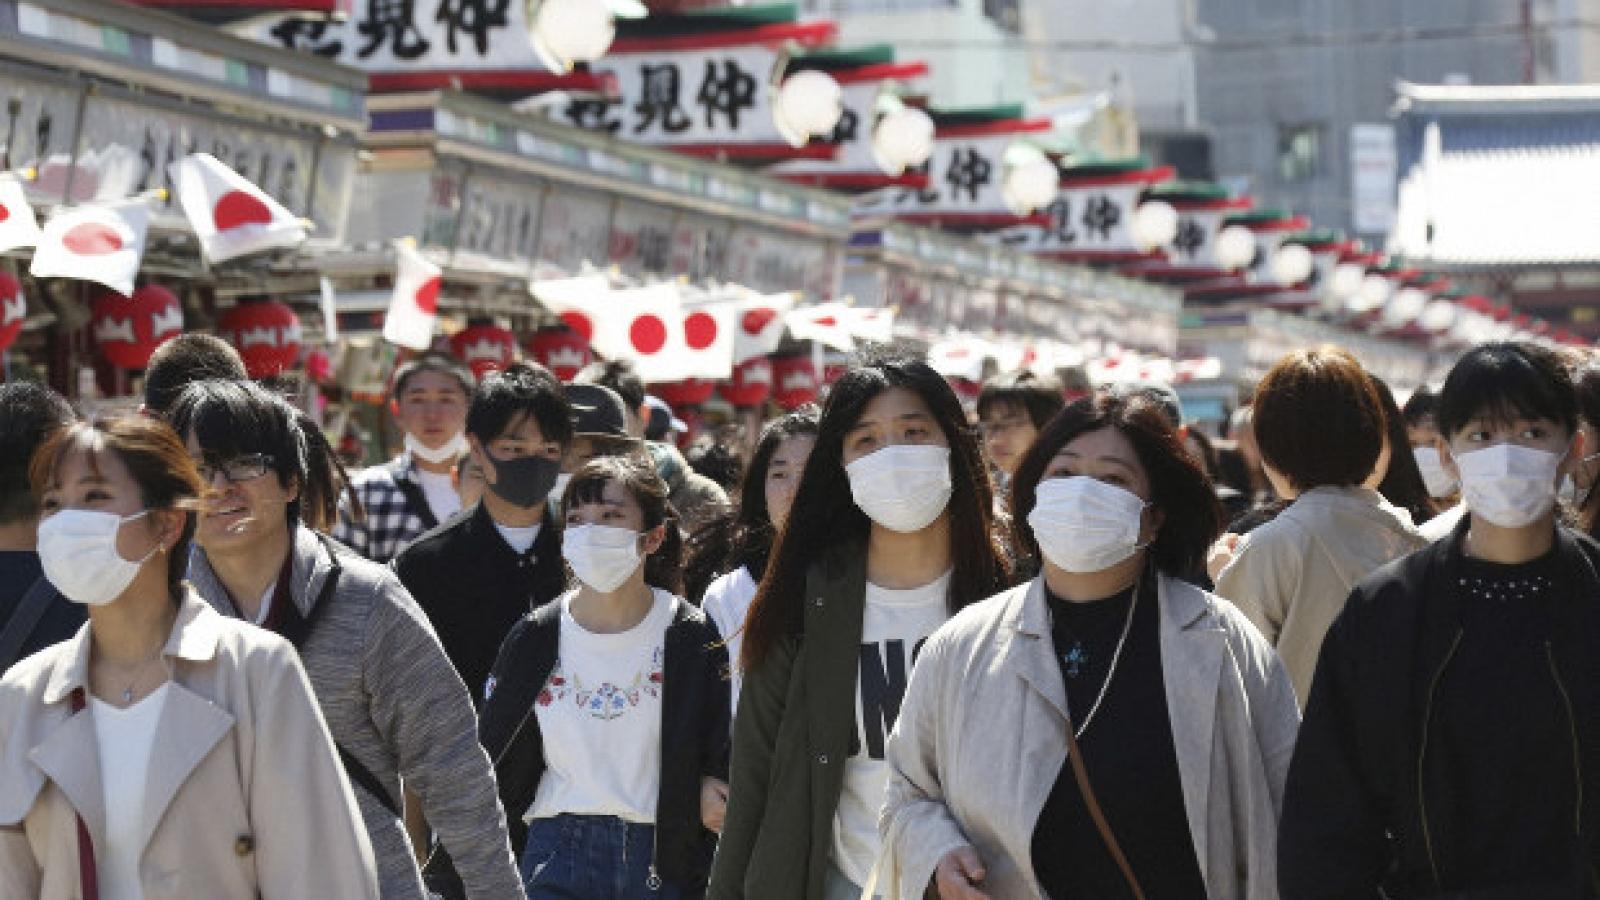 Nhật Bản: Tokyo và 3 tỉnh lân cận yêu cầu chính phủ tuyên bố tình trạng khẩn cấp